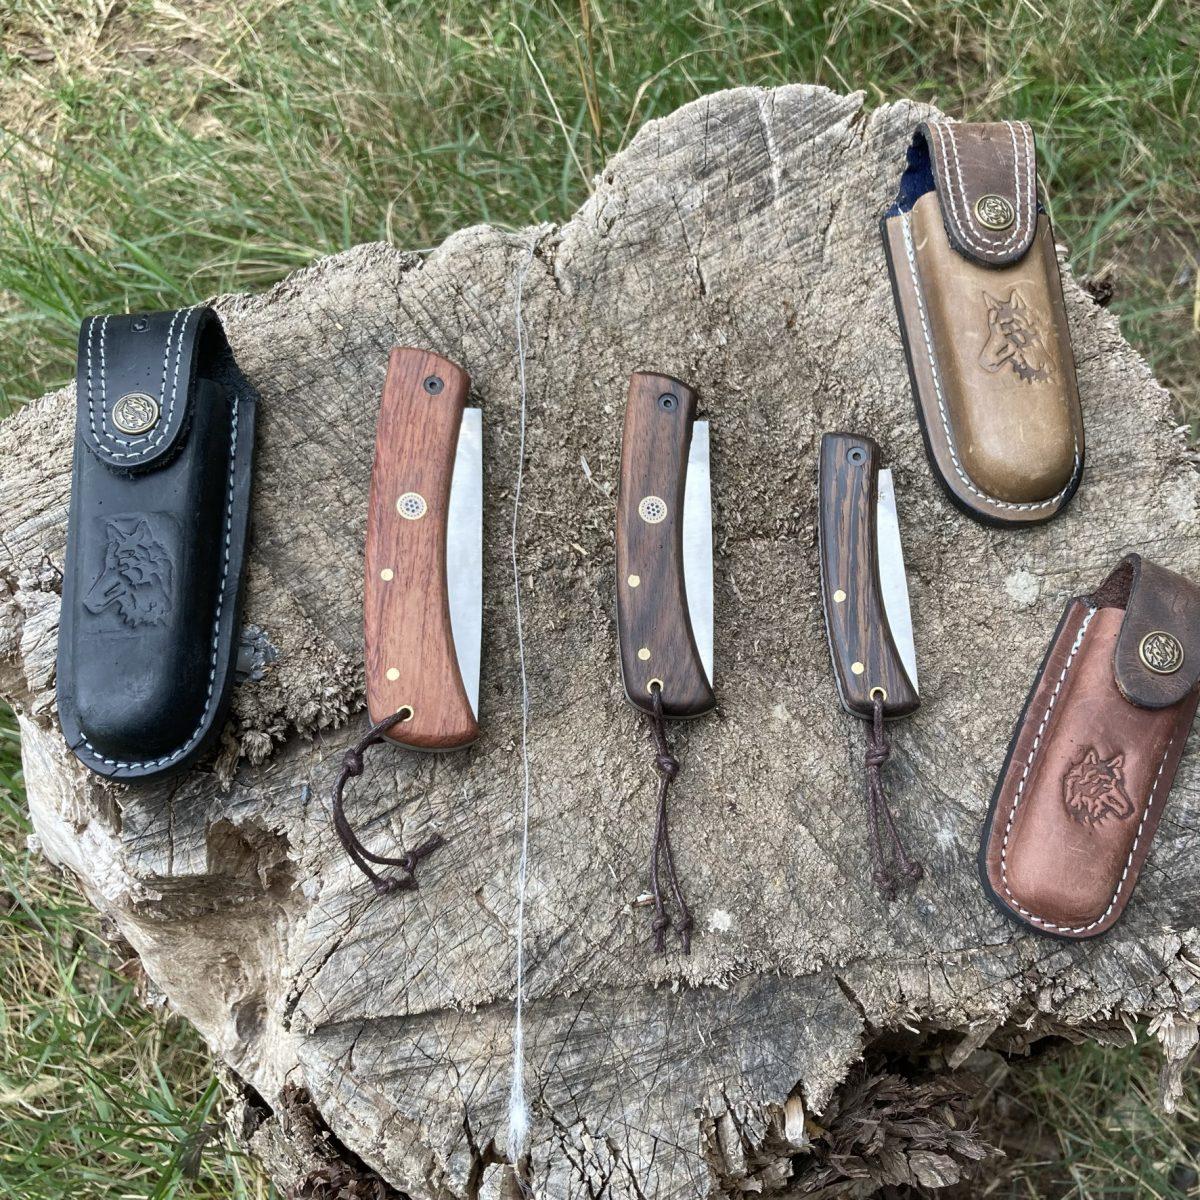 Pocket Knife For Sale